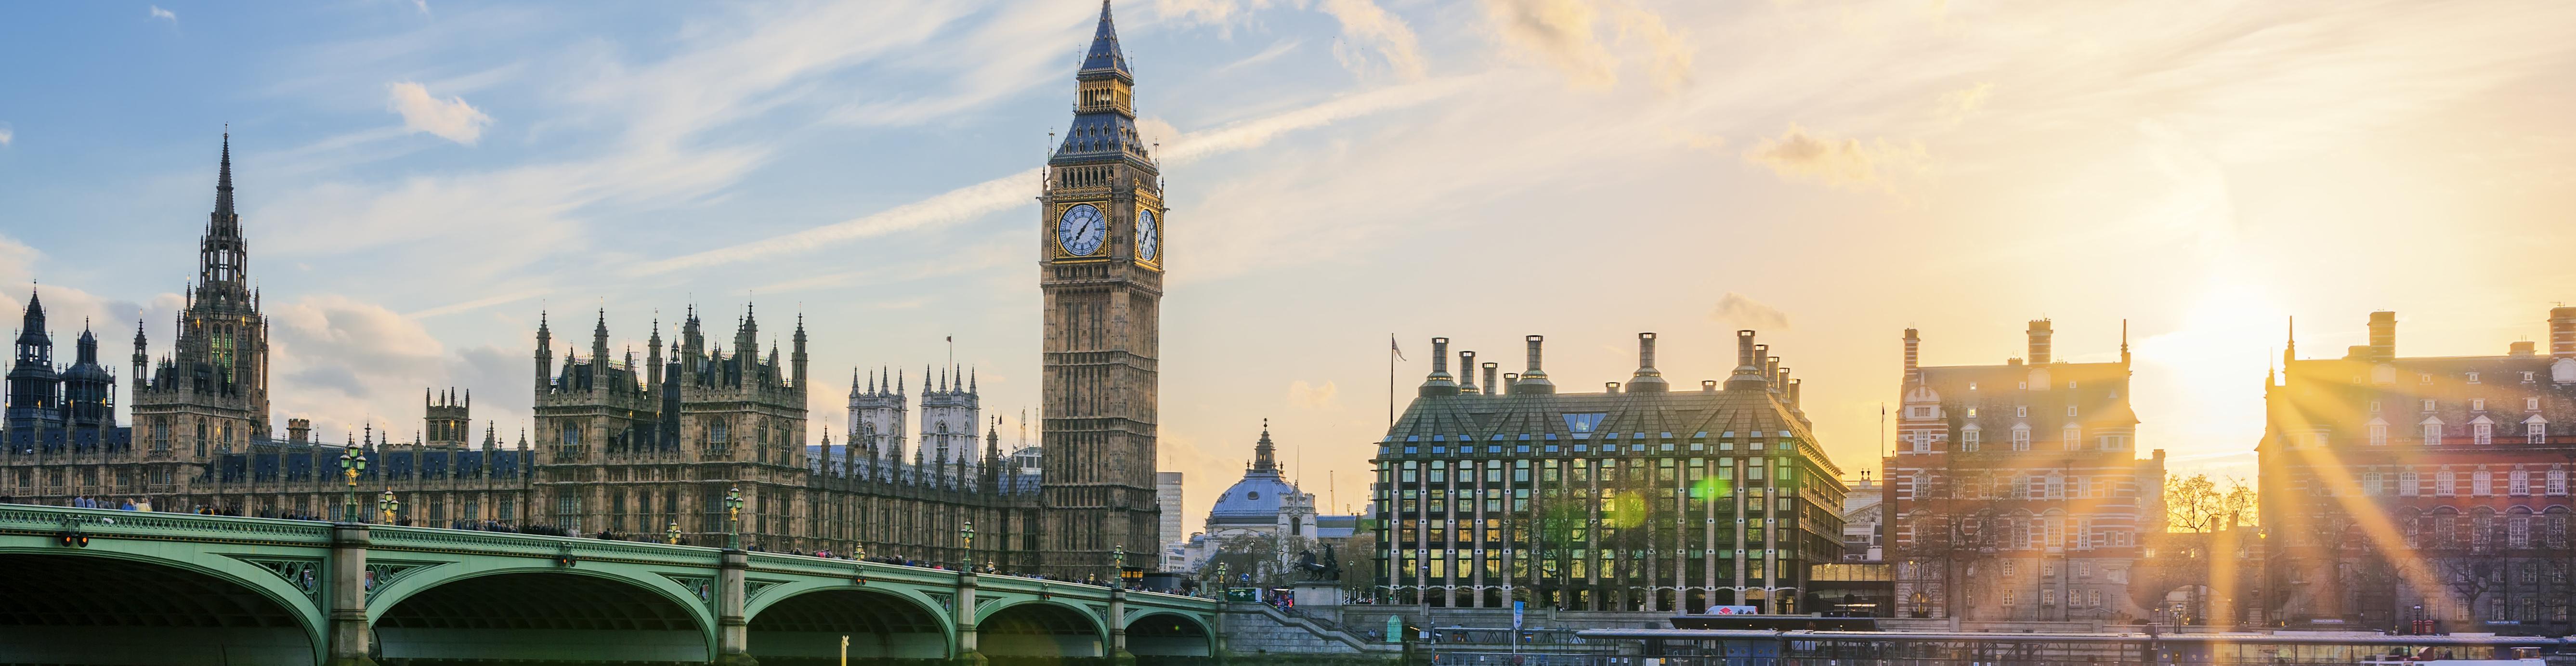 Super günstige Flüge nach London für unglaubliche 4 ...